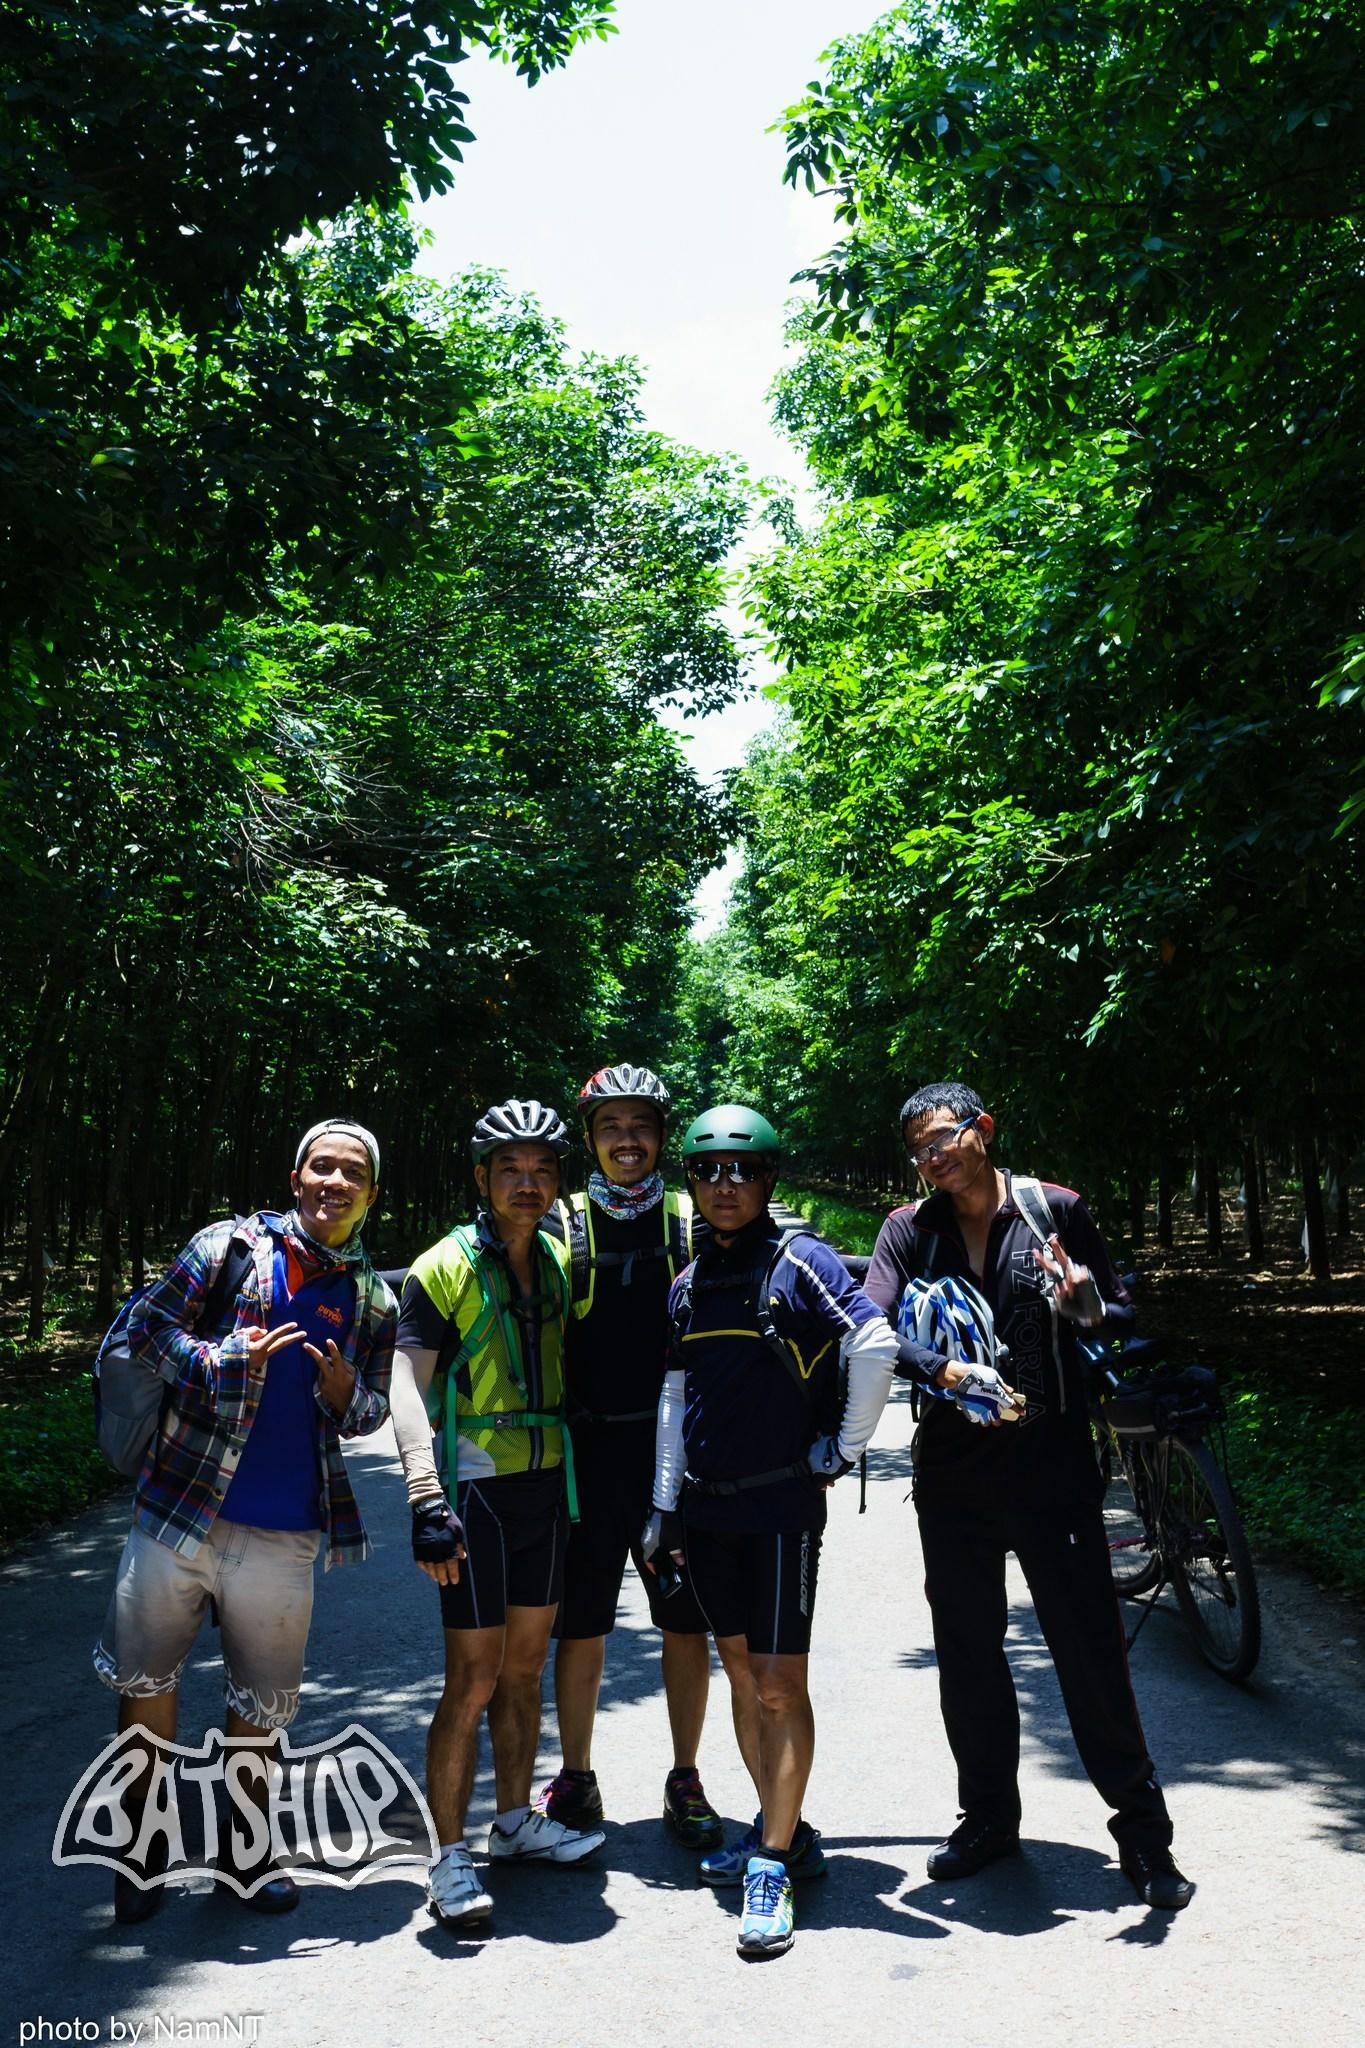 20638039062 332ef0f93b k - Hồ Cần Nôm-Dầu Tiếng chuyến đạp xe, băng rừng, leo núi, tắm hồ, mần gà